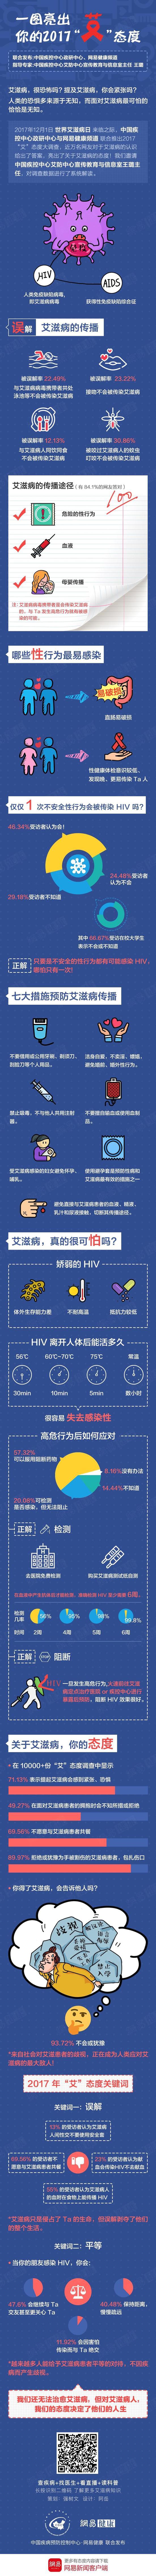 数说|人心是艾滋病人良药还是毒药?